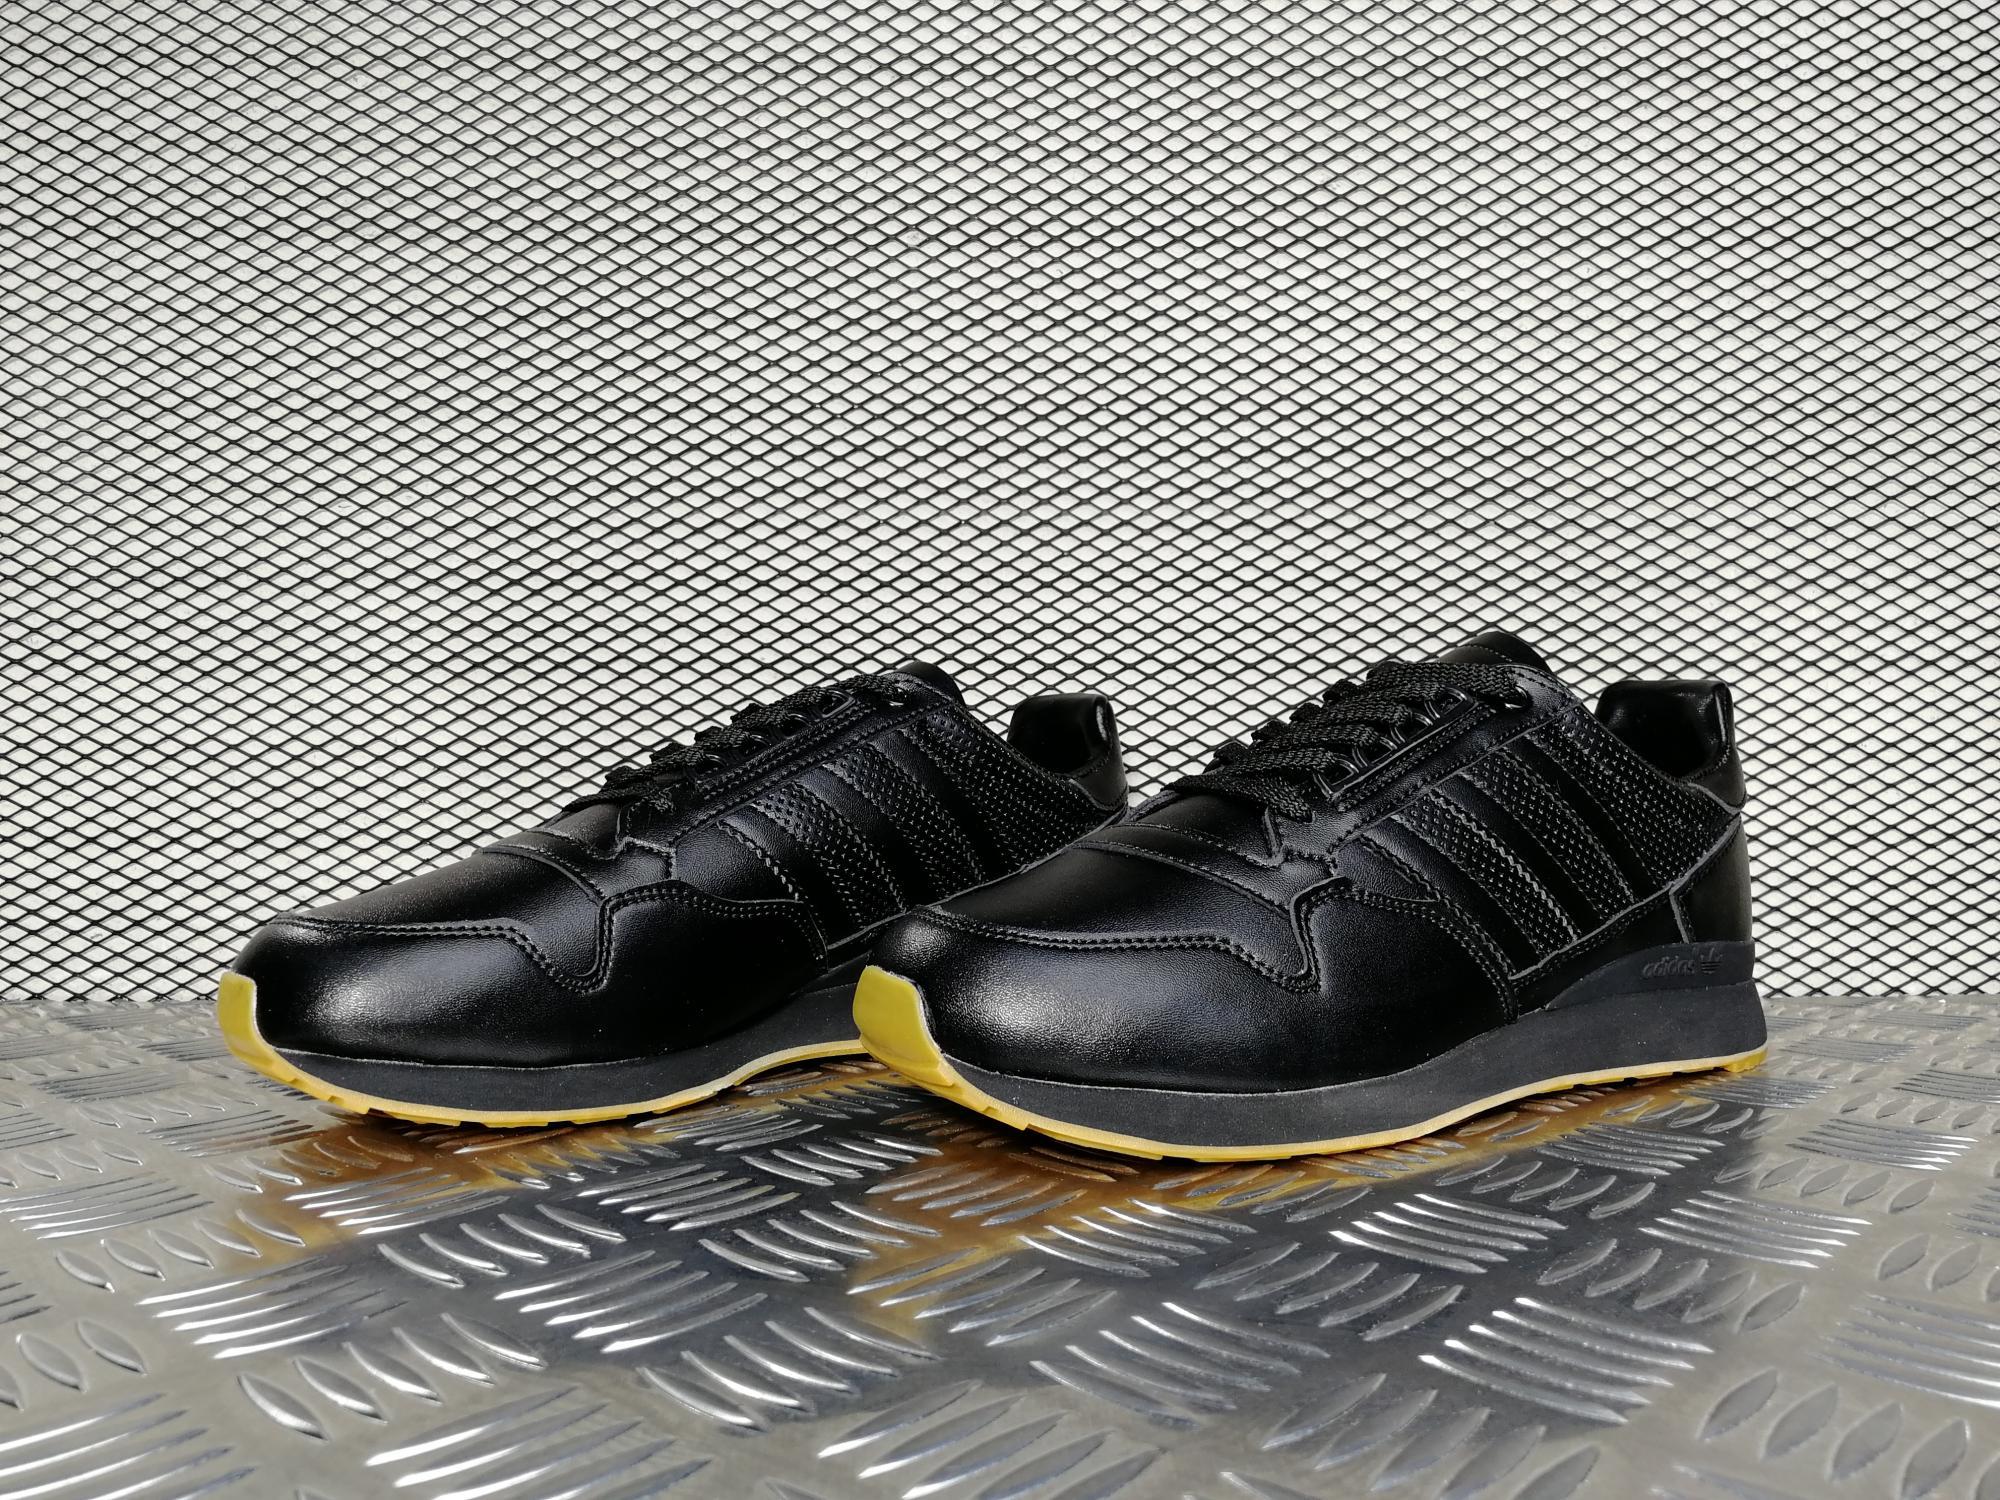 a3c4dca82259 Купить мужские кроссовки Adidas ZX 500 OG Black   Gum в интернет ...